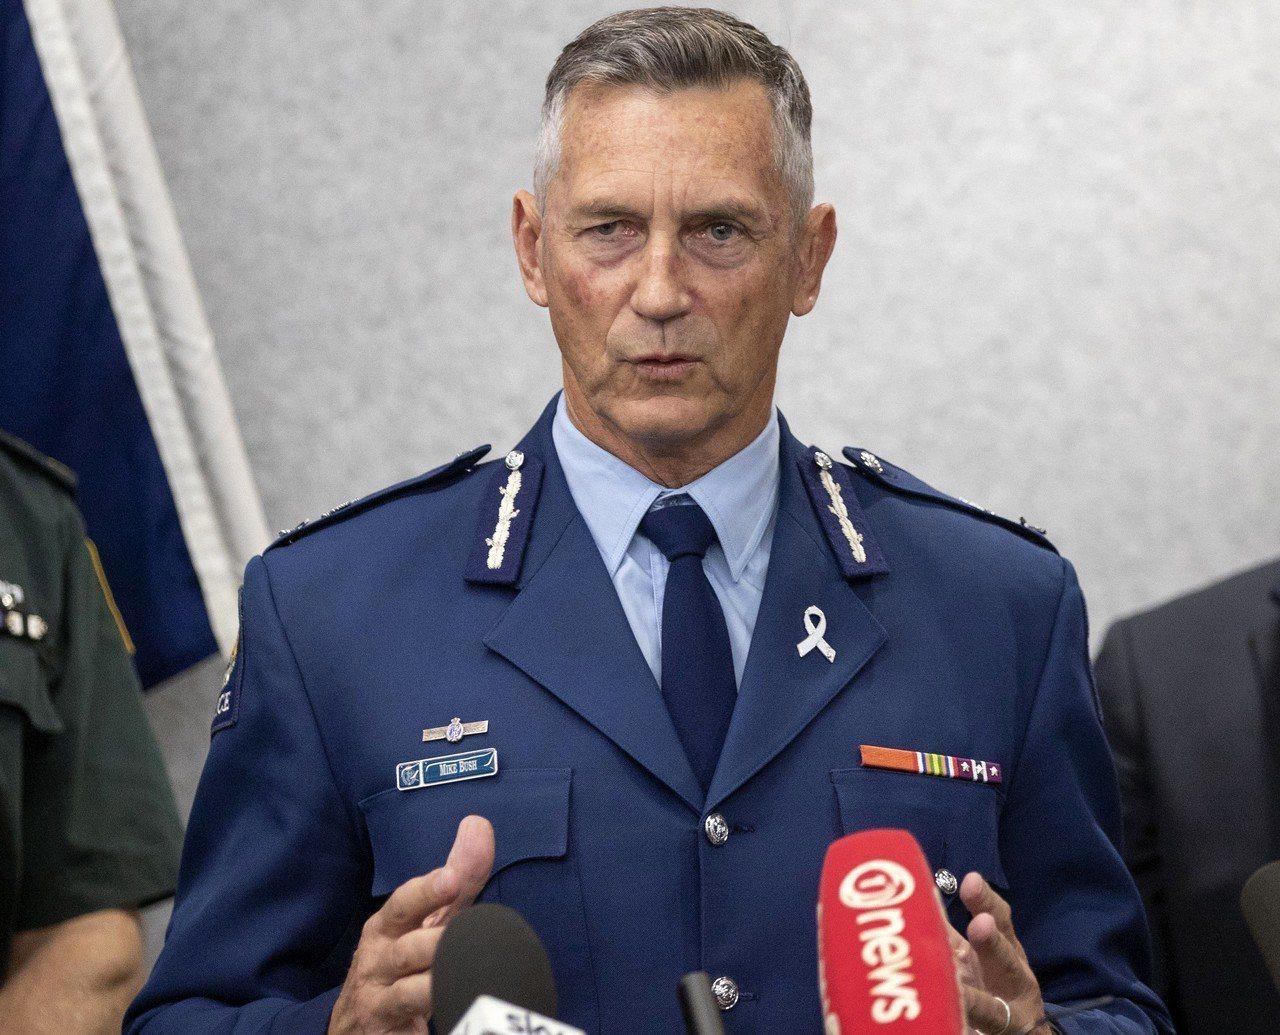 小鎮警察英勇過人,36分鐘逮捕紐西蘭槍擊案嫌犯。 美聯社